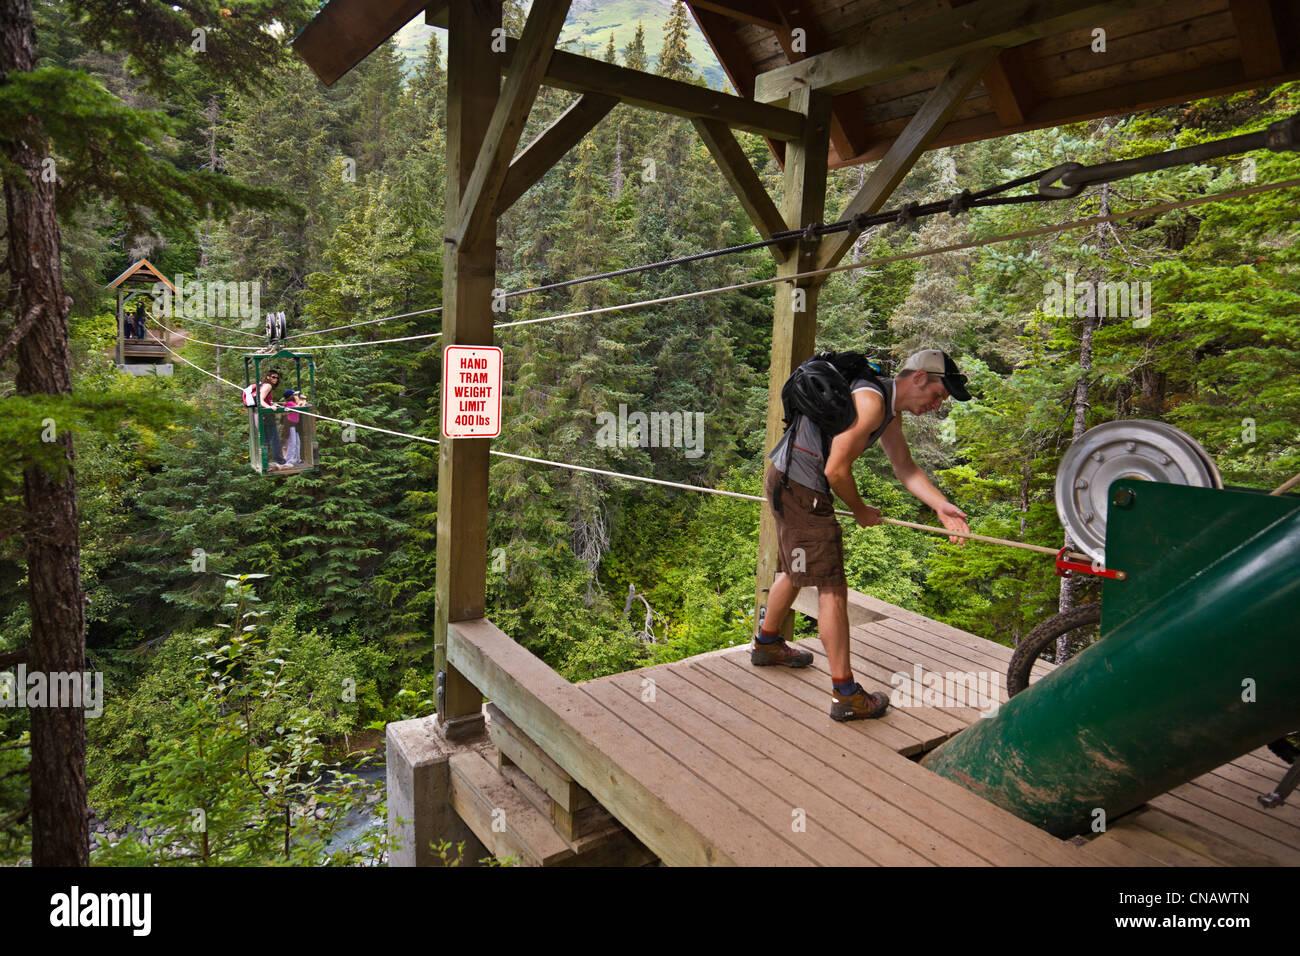 Excursionistas preparándose para tomar el tranvía de mano más ganador Creek cerca Southcentral Girdwood, Alaska, Verano Foto de stock